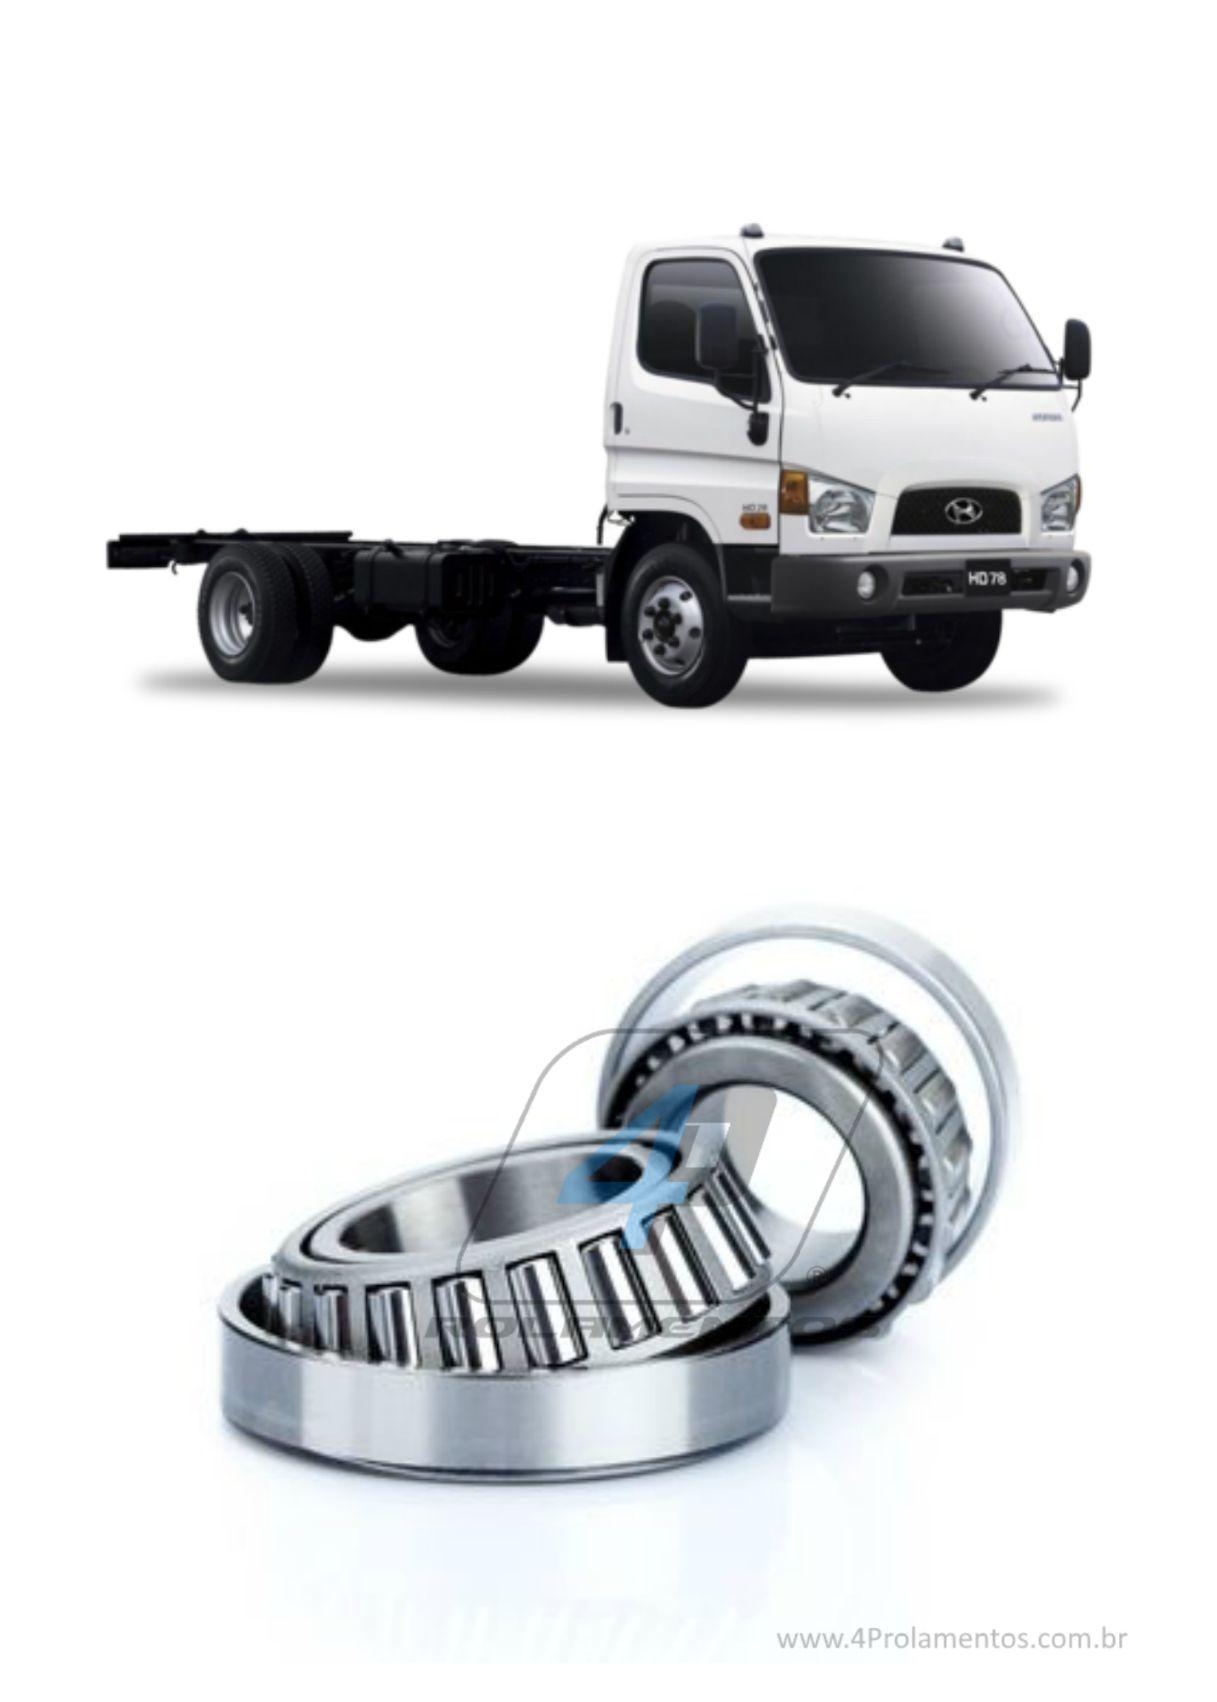 Rolamentos Roda Dianteira Hyundai HD78 de 2010 até 2018